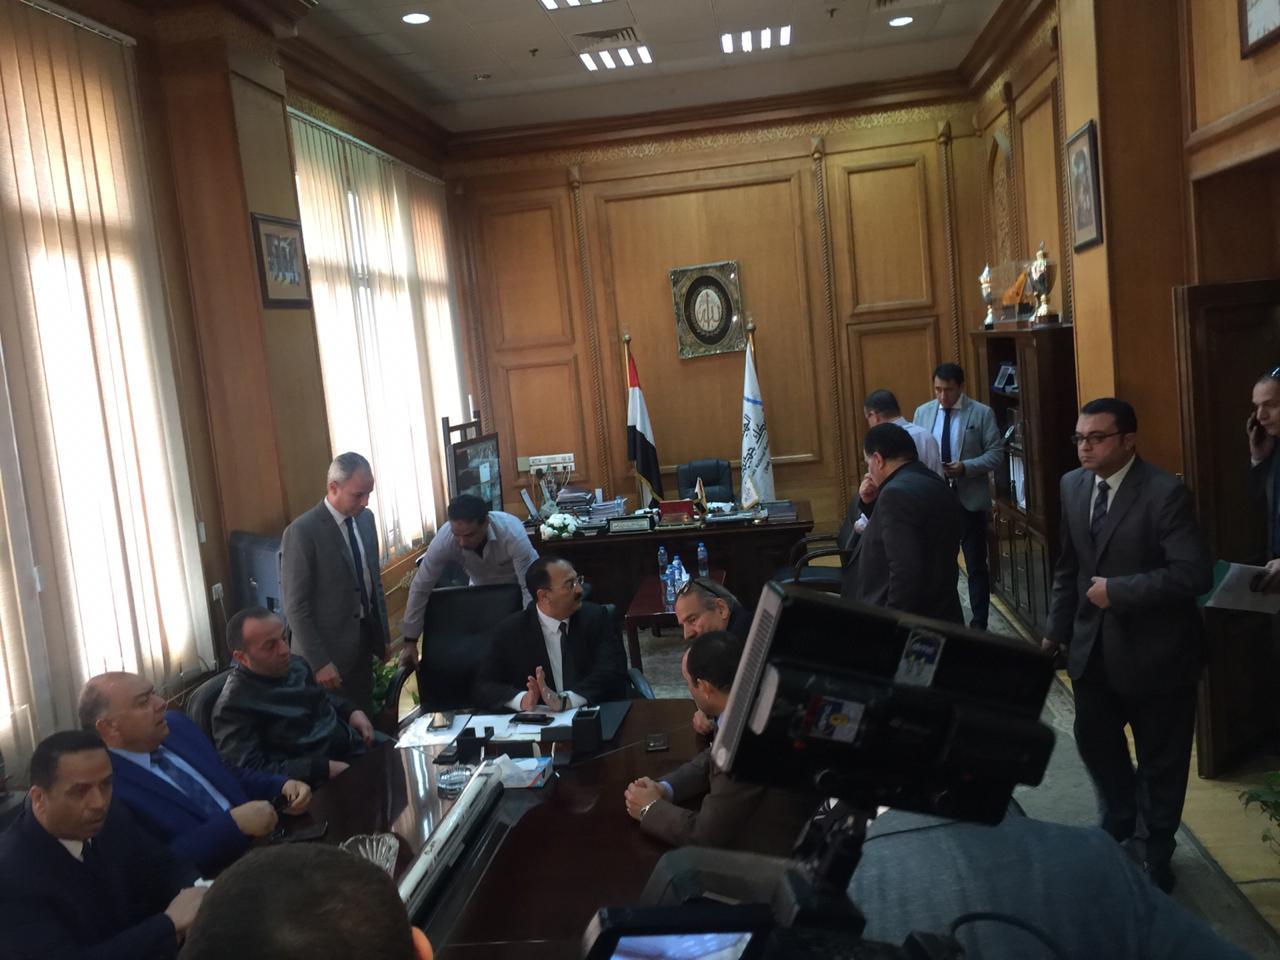 اجتماع مغلق لوفد البرلمان مع رئيس هيئة السكك الحديدية (2)